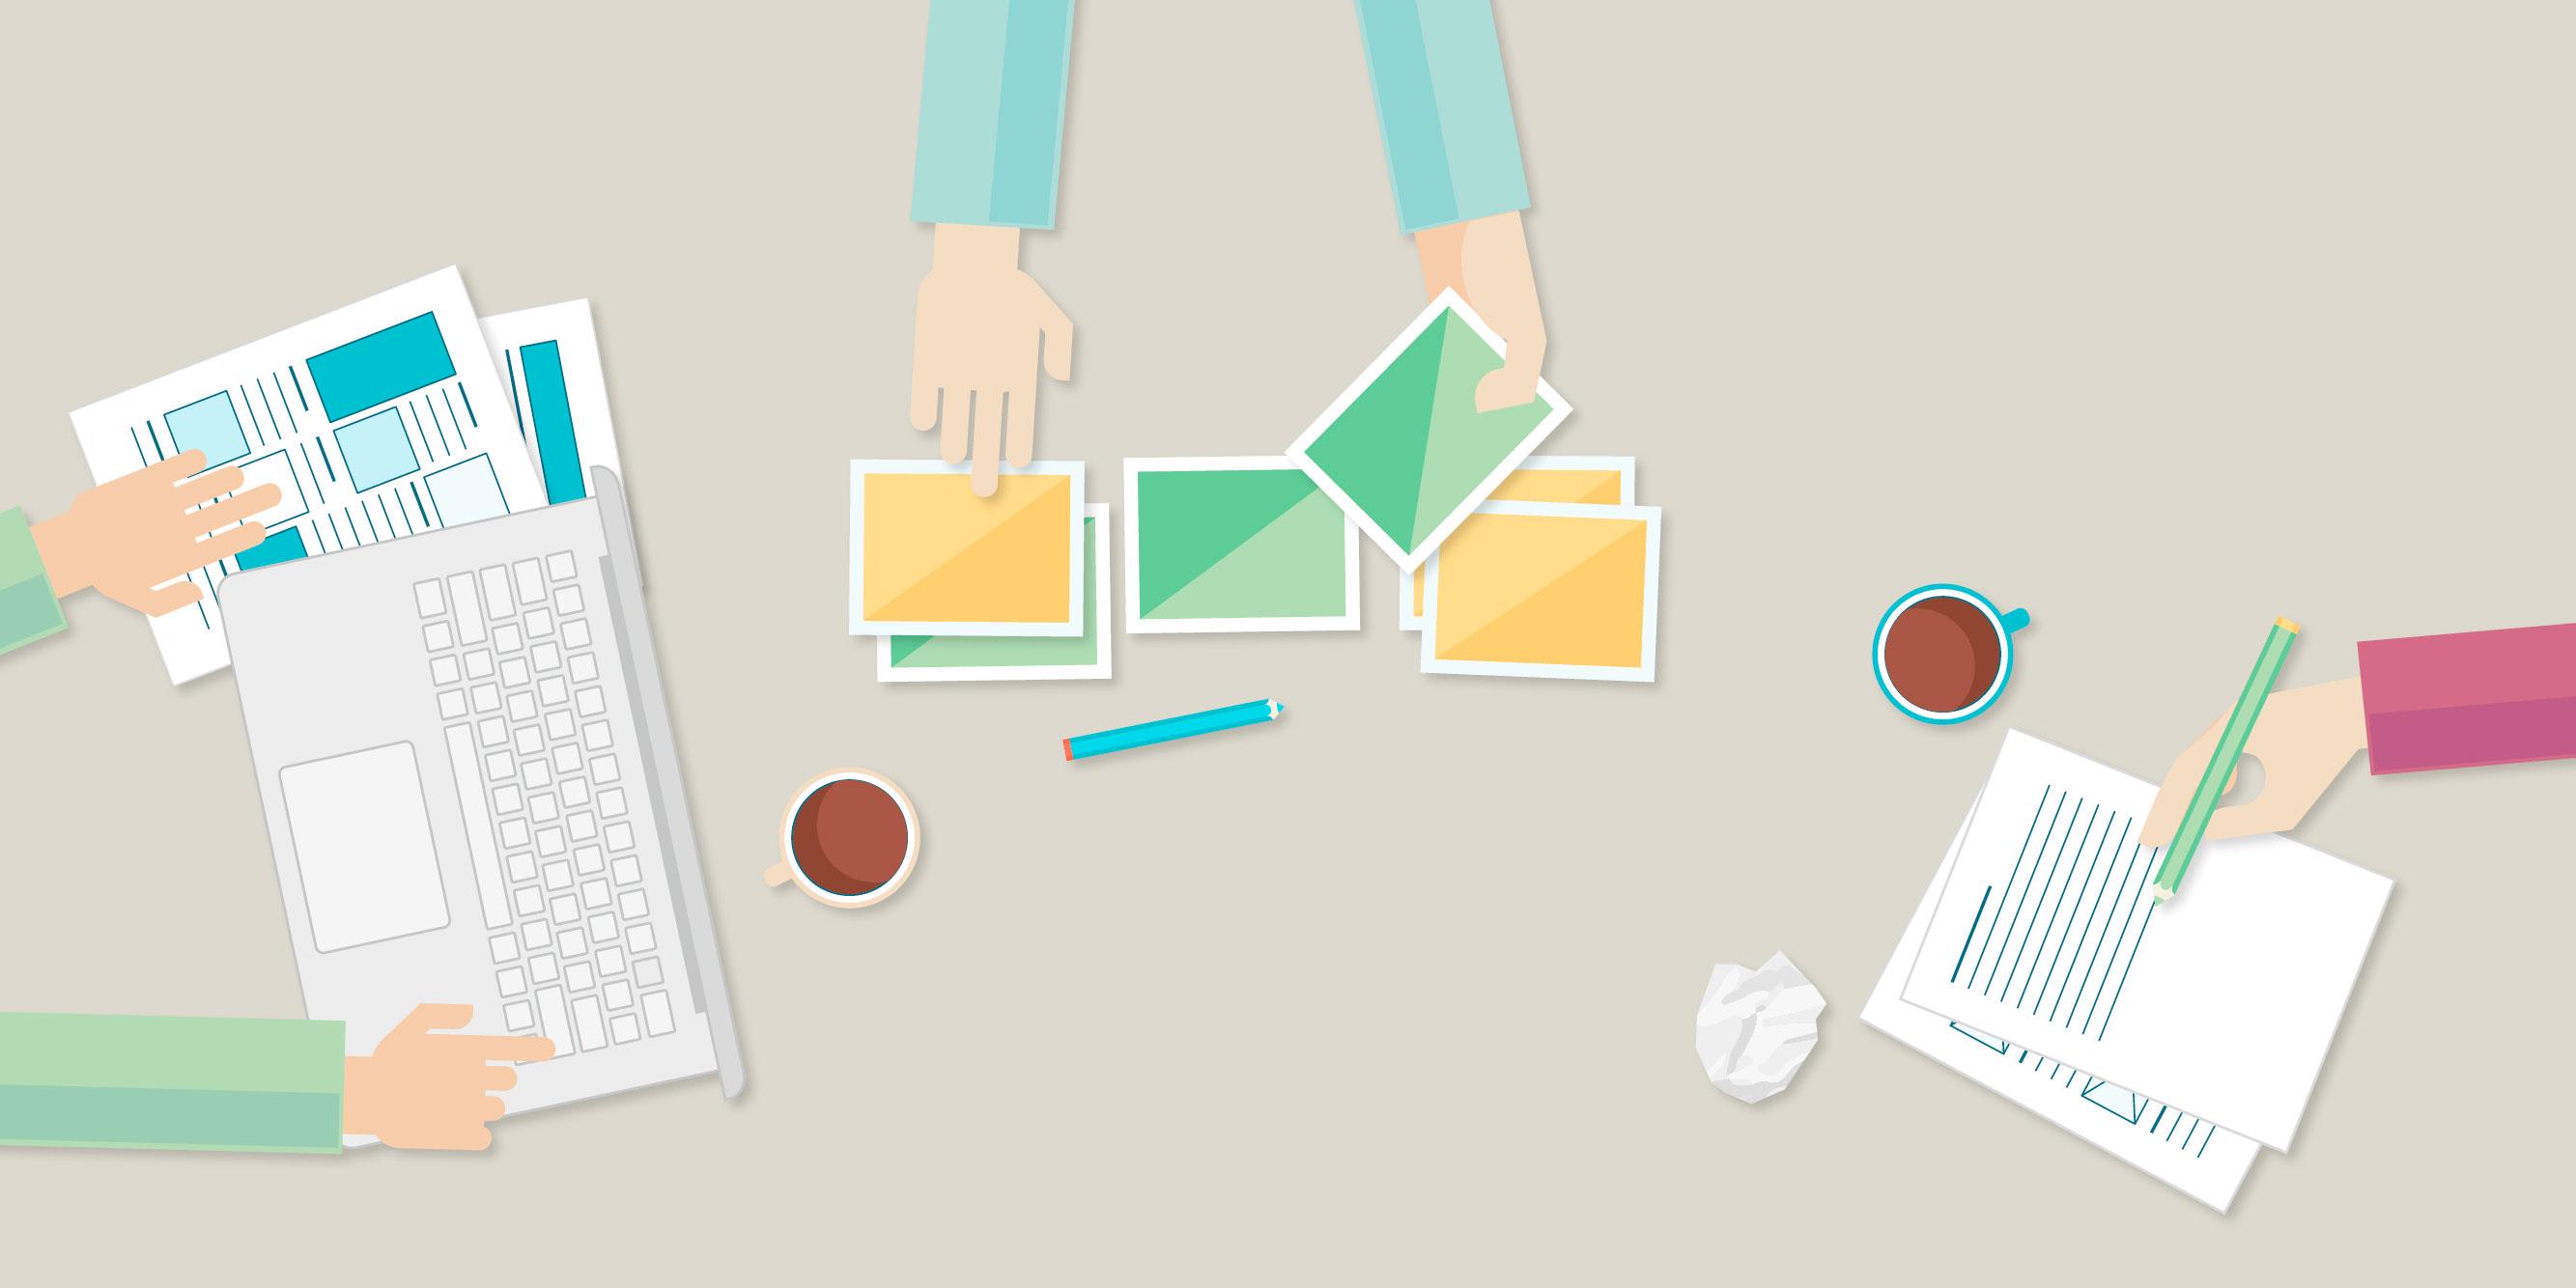 »Welche Bilder präsentiere ich meinen Kunden und welches Honorar kann ich für meine Arbeit erzielen?« ist eine der Fragen, mit der sich die Teilnehmer*innen im Workshop mit Silke Güldner beschäftigen.